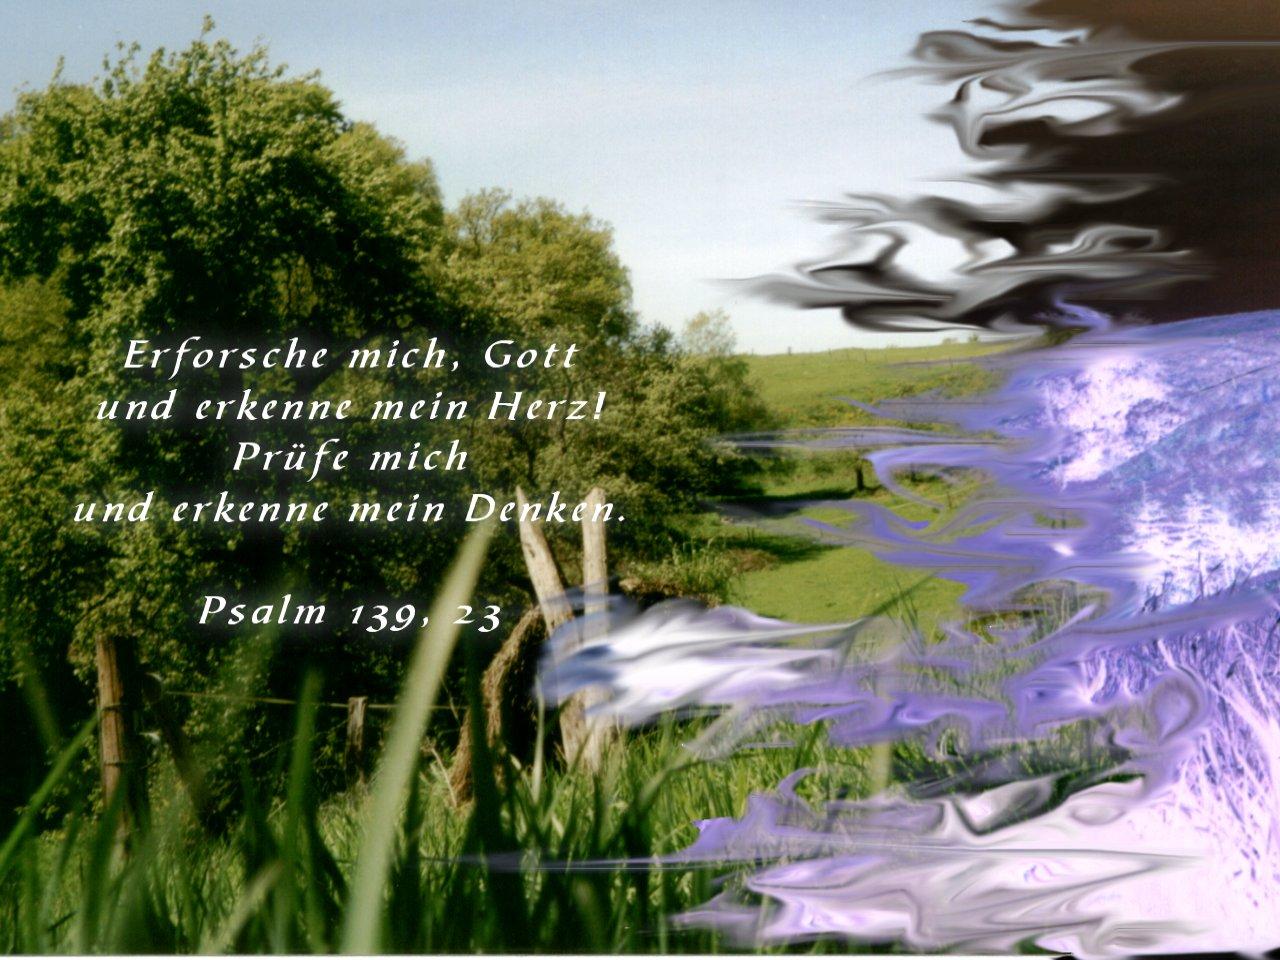 Erforsche mich christliche hintergrundbilder - Christliche hintergrundbilder ...